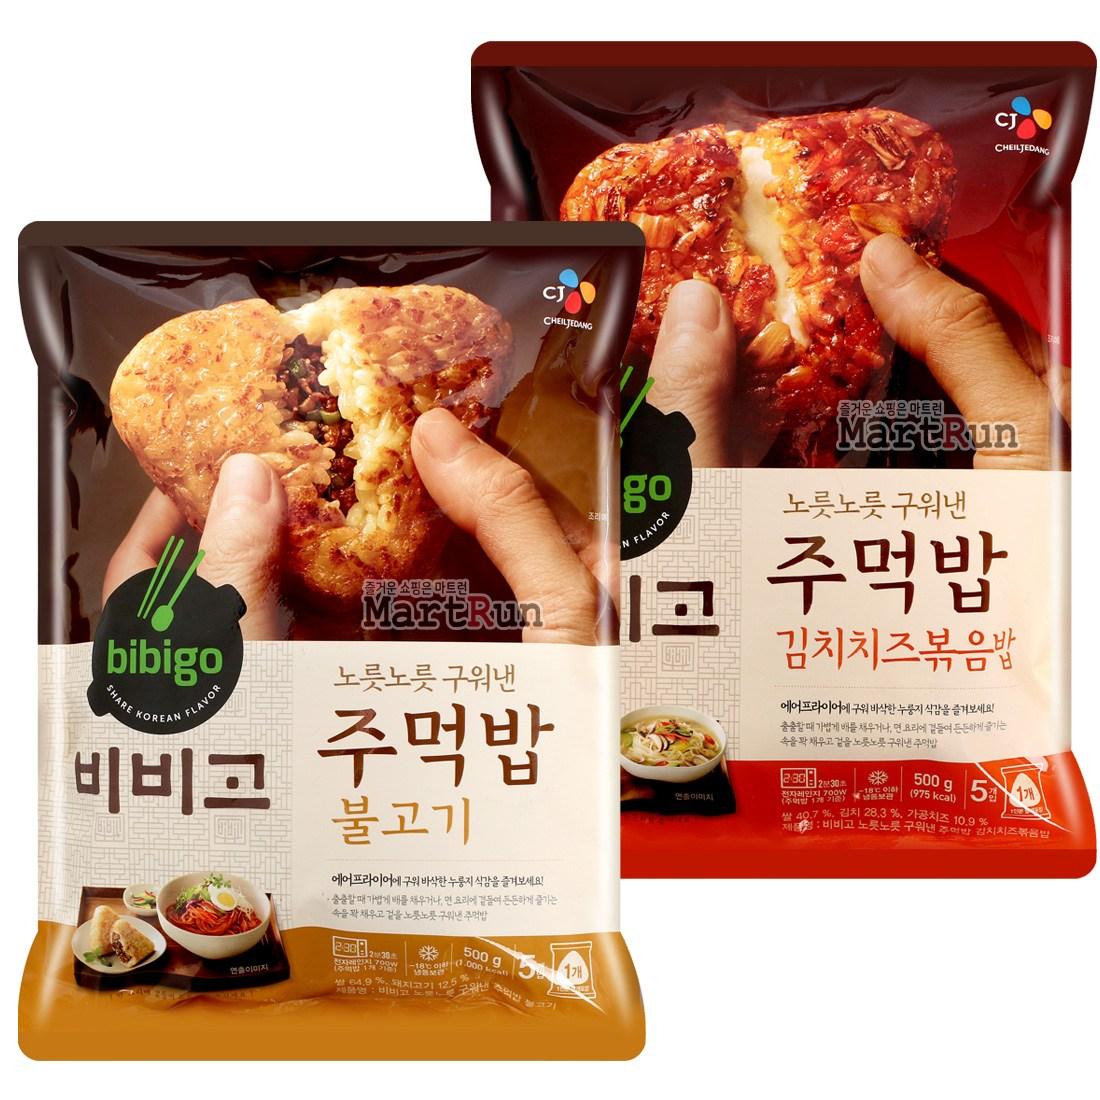 비비고 구어낸 주먹밥 불고기 500g 김치치즈볶음밥, 02 (CJ) 비비고 주먹밥 김치치즈볶음밥 500g